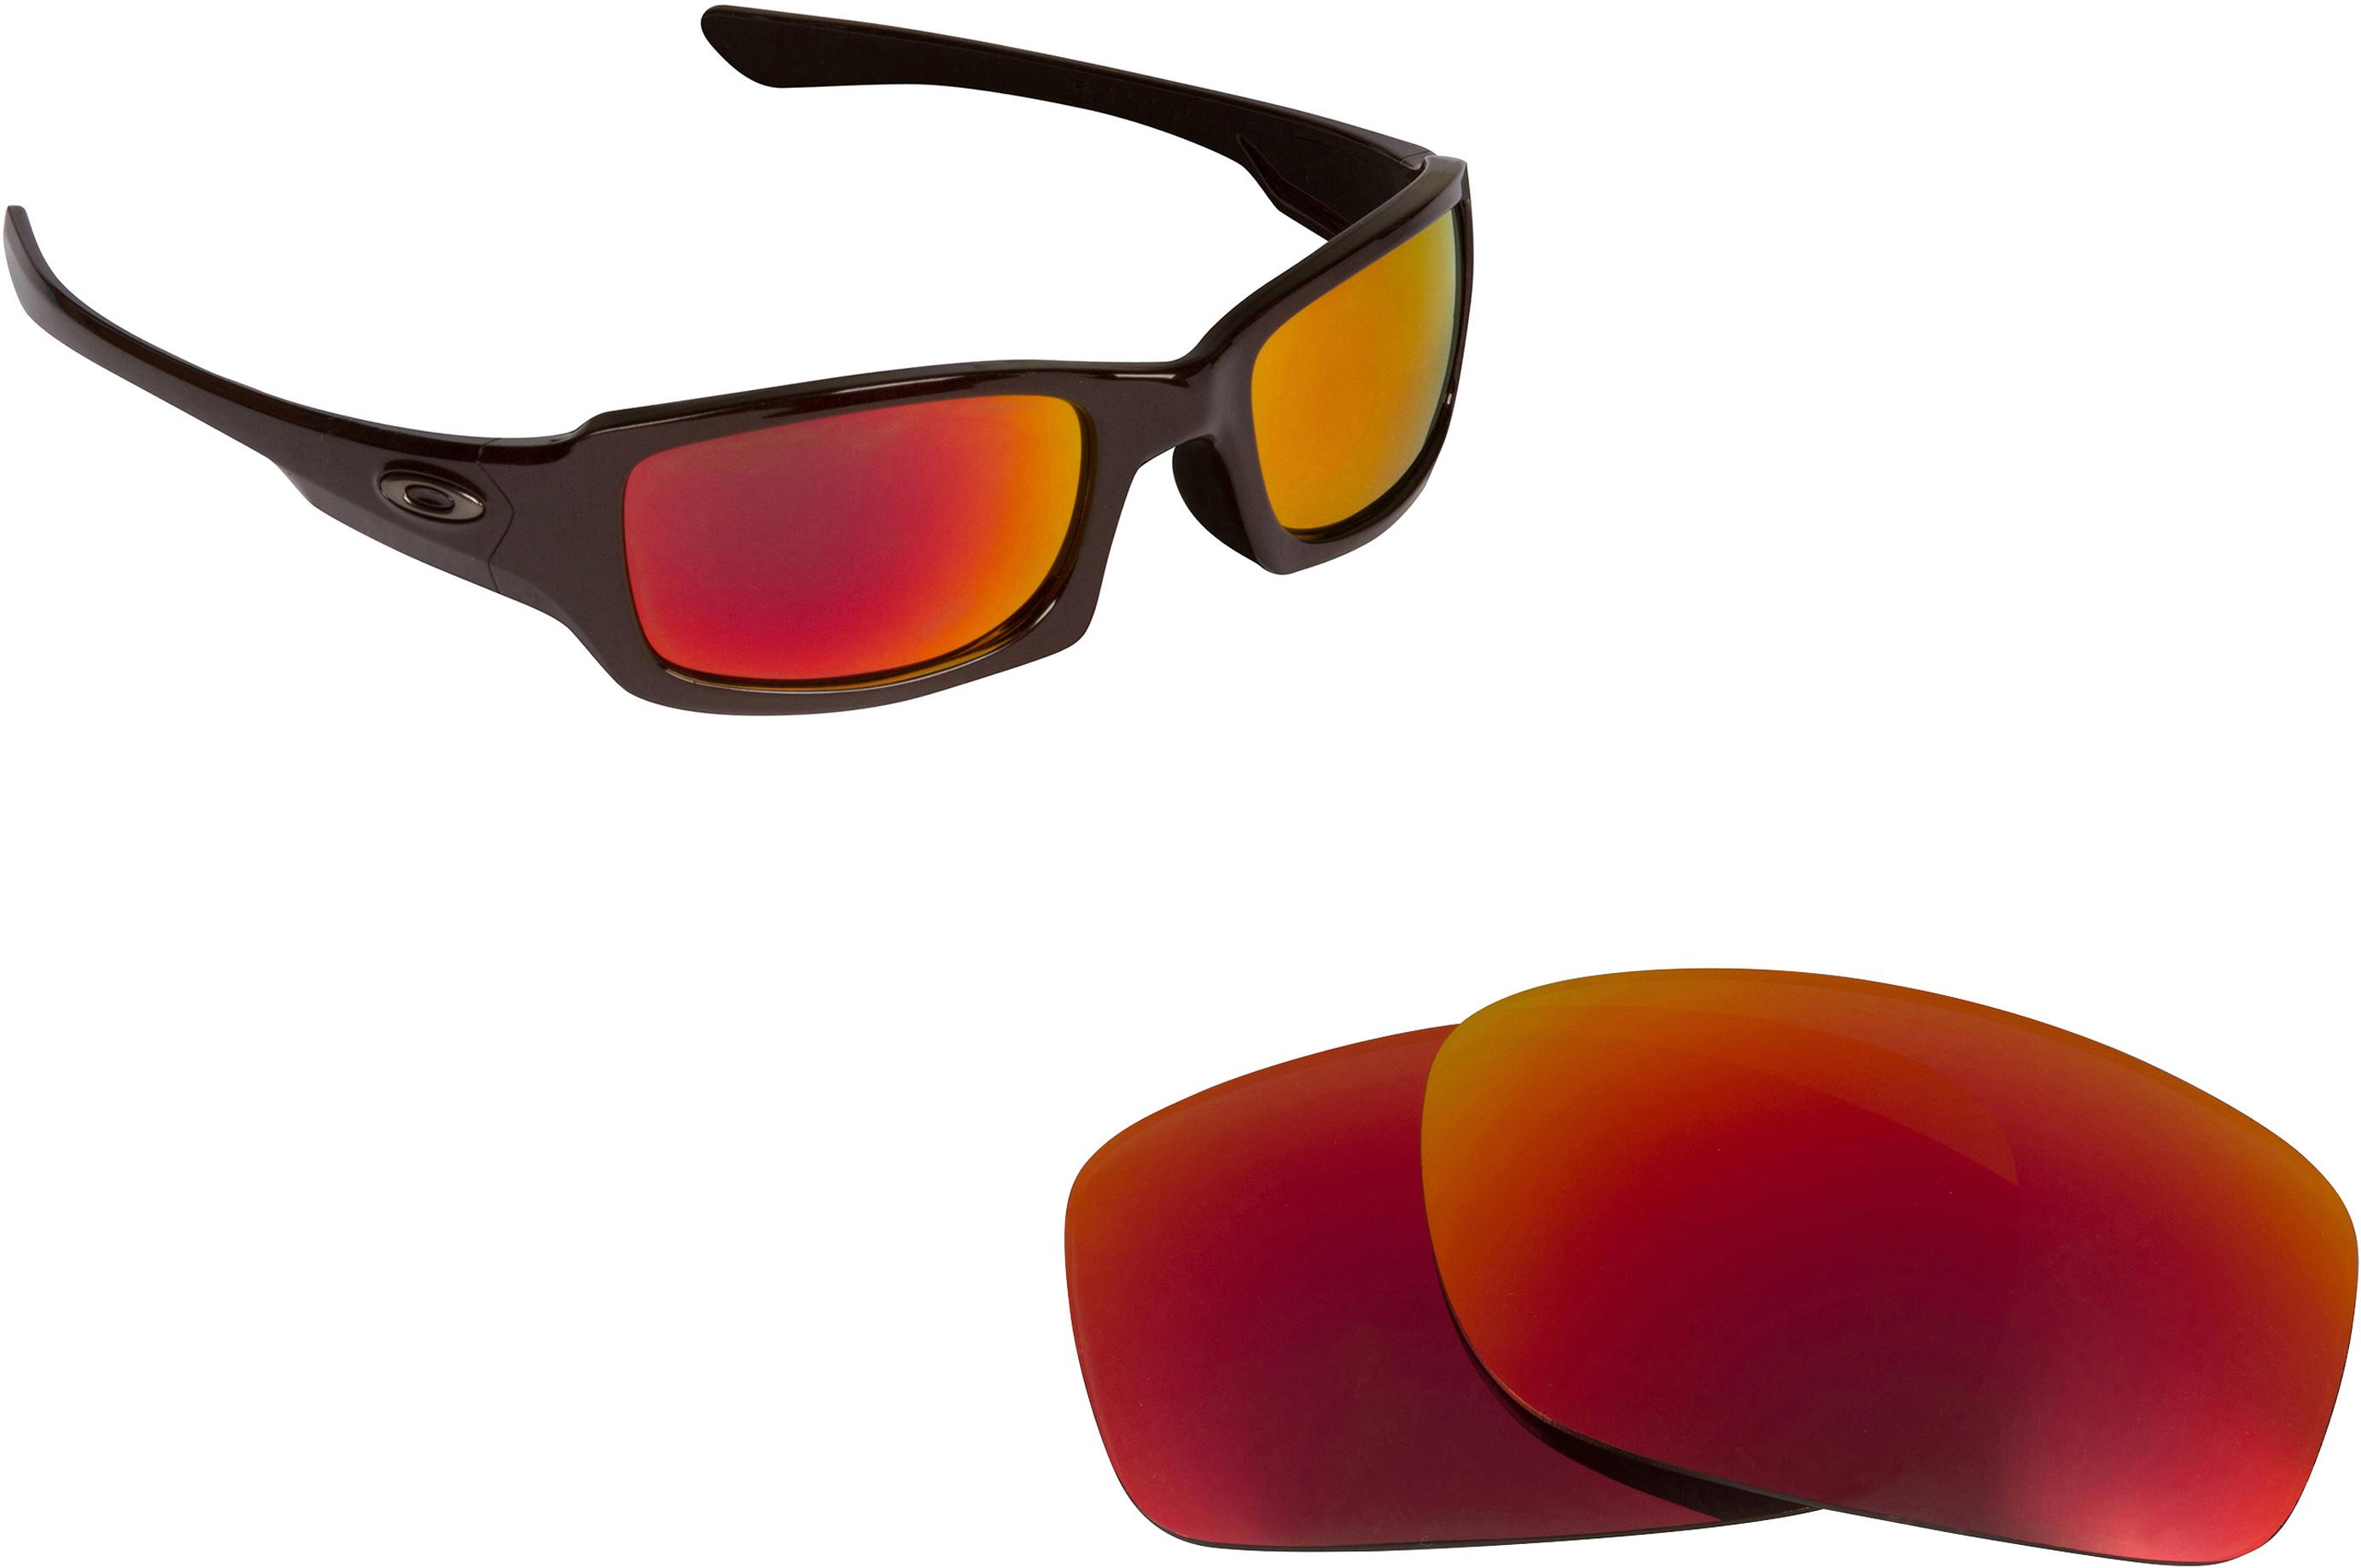 Fake Sunglasses: Dangers